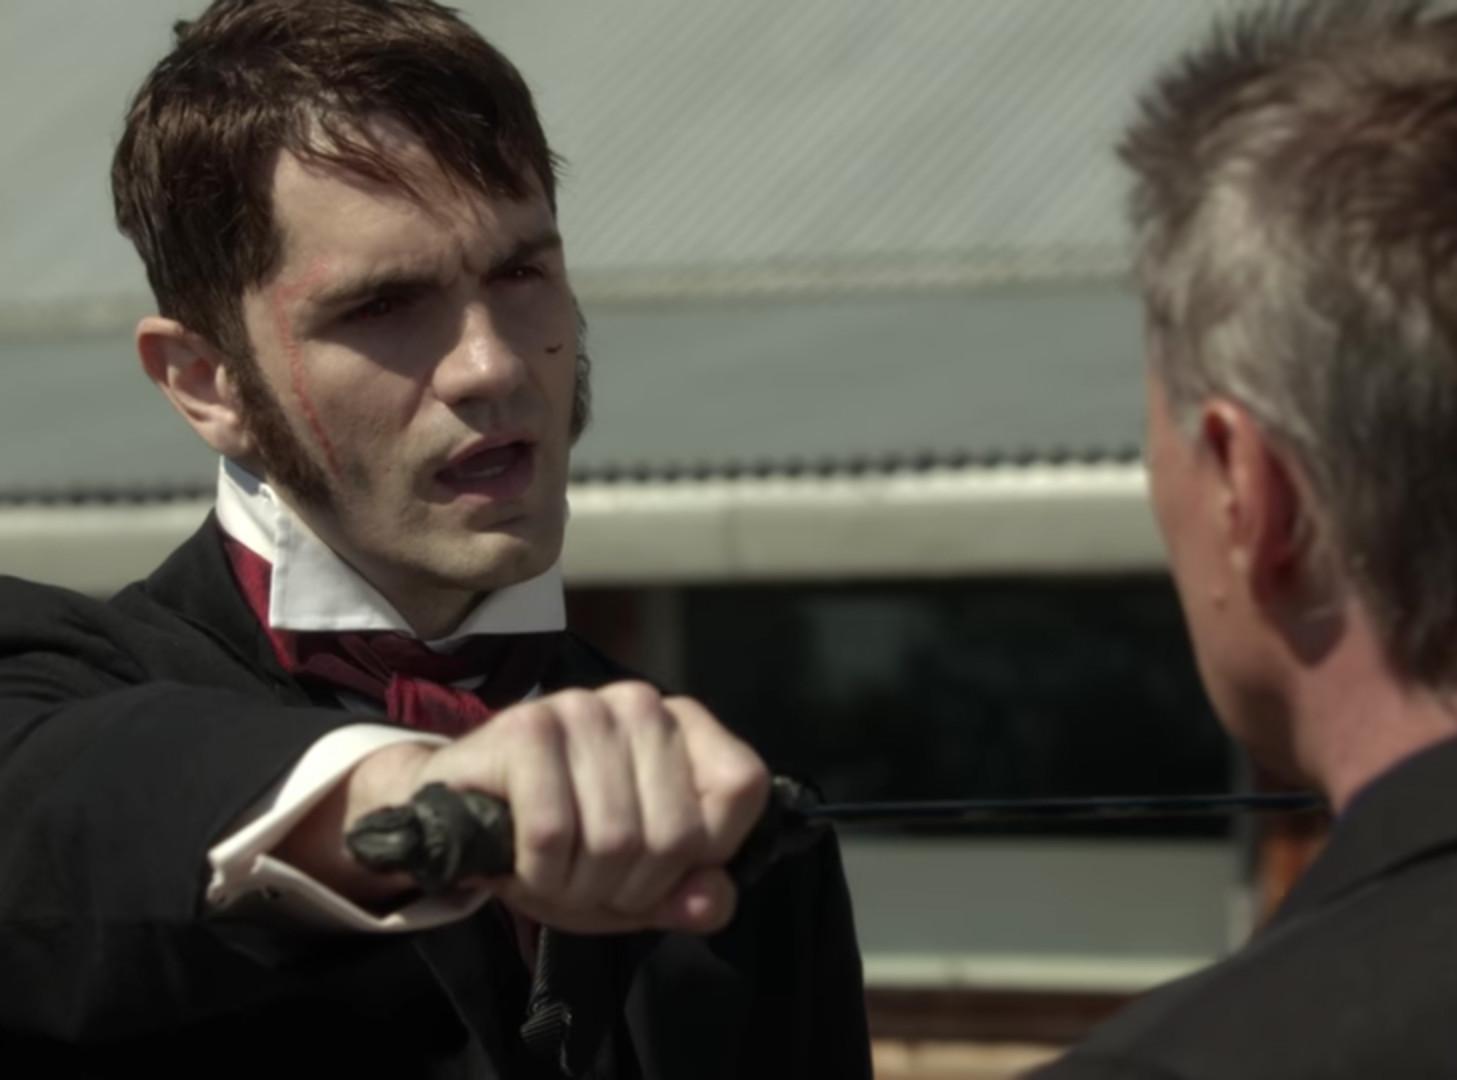 Mr Hyde versus Rumpelstiltskin once upon a time ABC Sam witwer